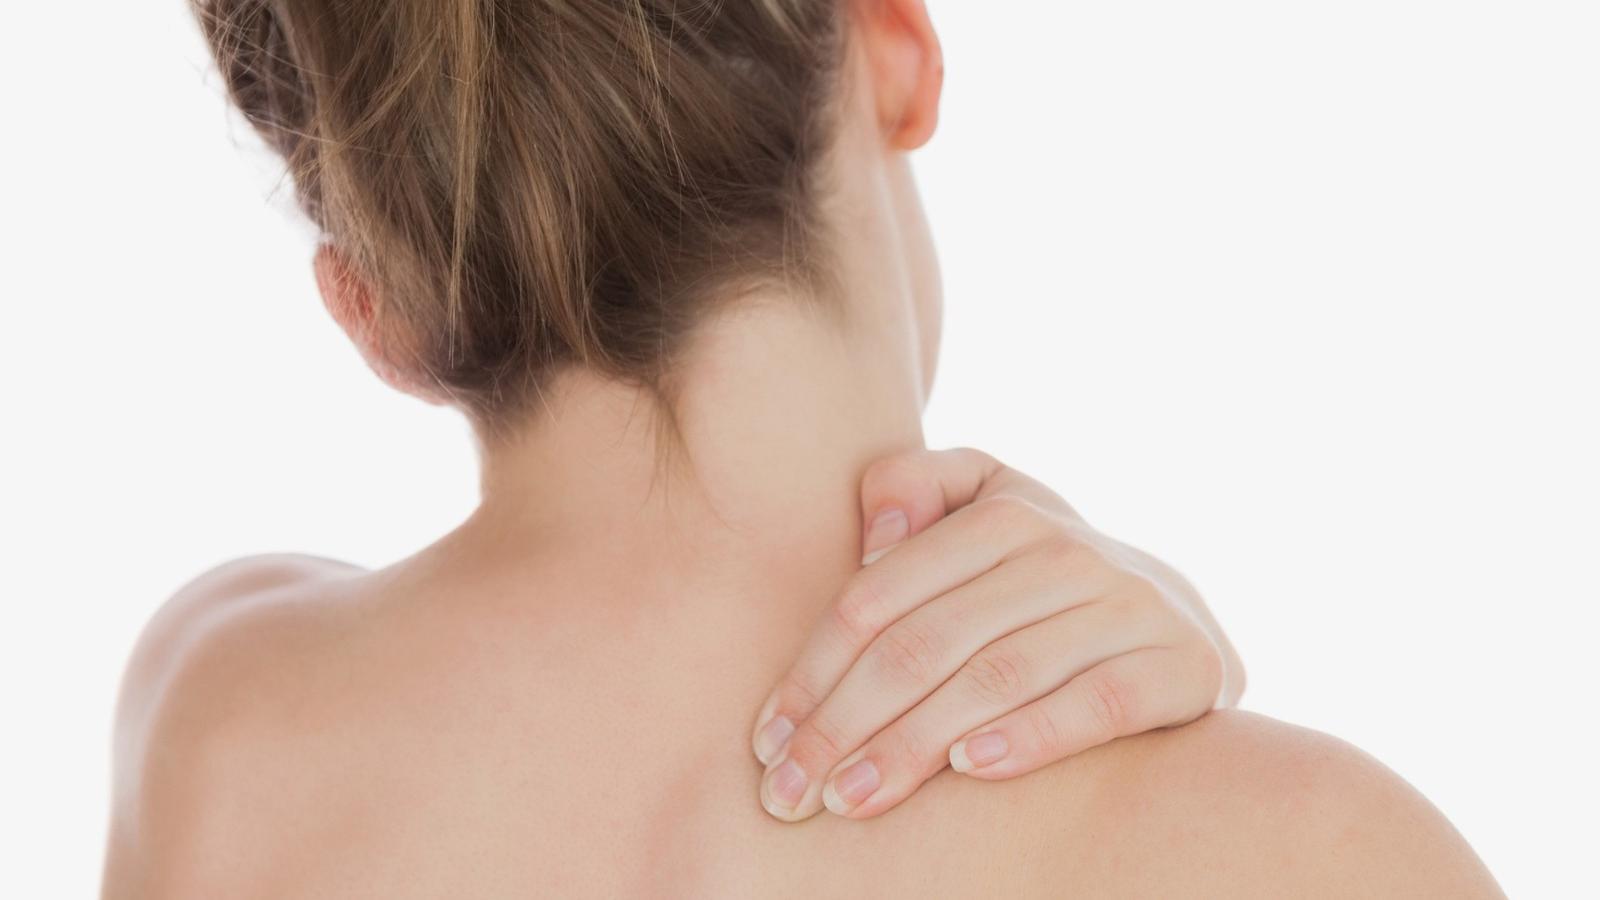 hogyan lehet az ízületeket erősíteni az artrózissal együttes kezelés ozokerittel